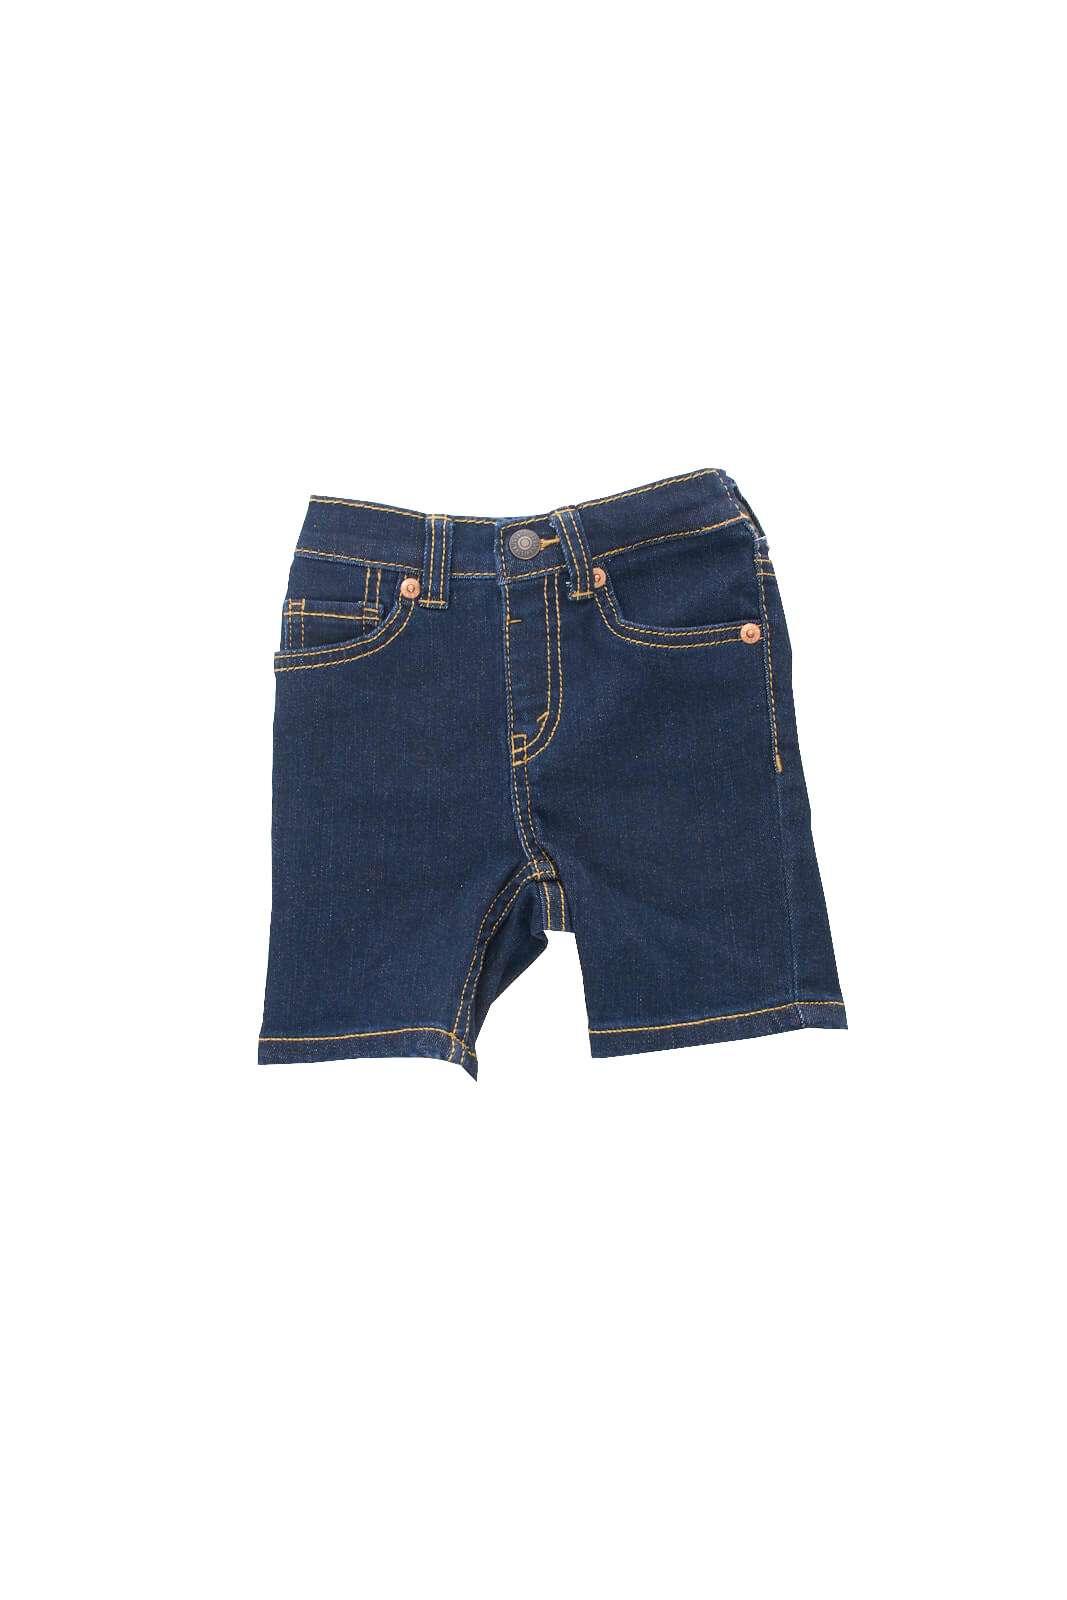 Un bermuda pensato per i più piccoli quello proposto dalla collection Kids di Levi's. Da abbinare con una T shirt o una felpa è perfetto per i look più sofisticati delle calde giornate estive. Un piccolo essential per un look unico.